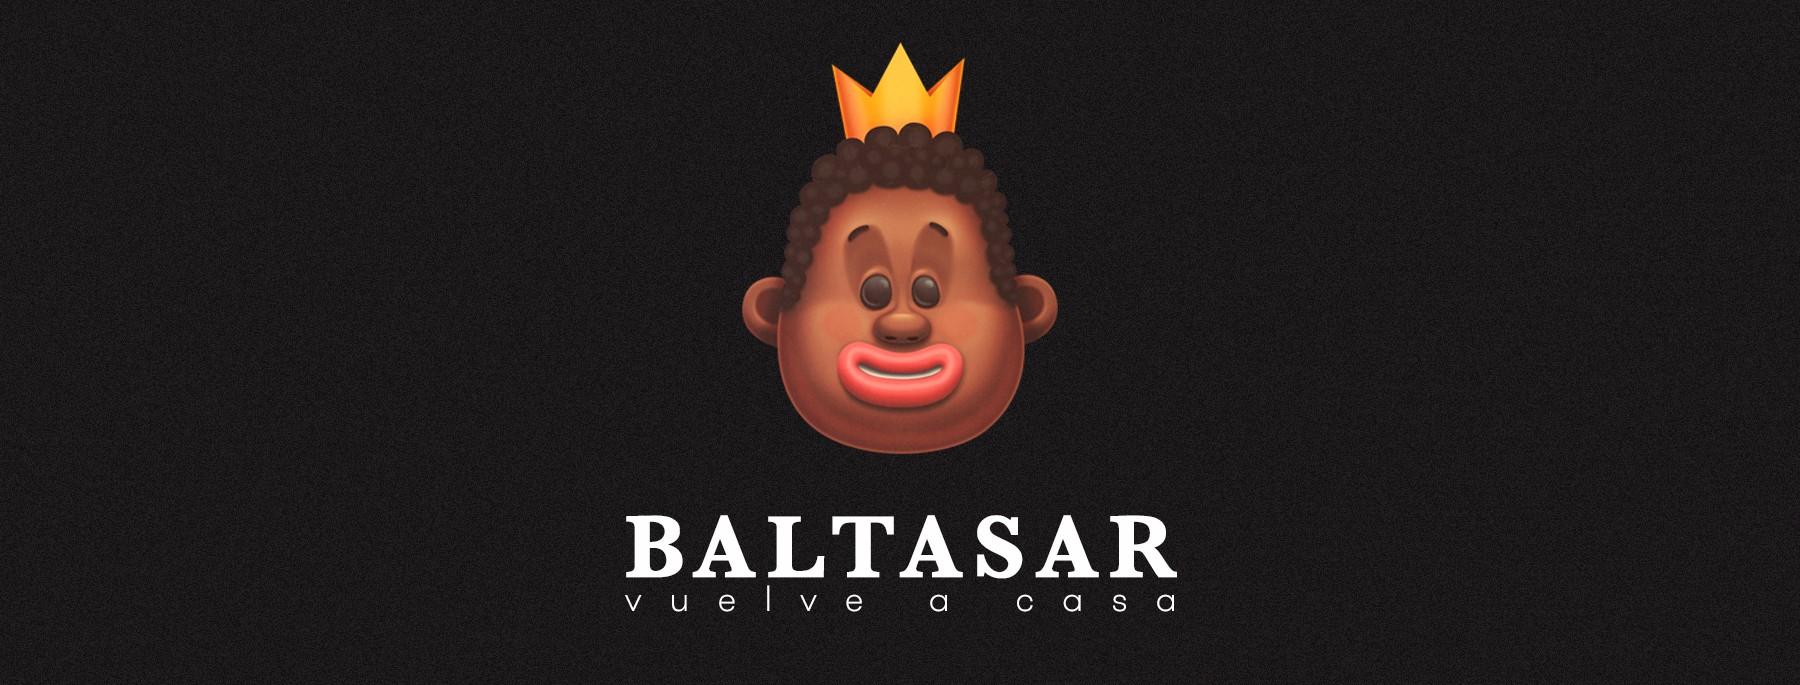 BALTASAR VUELVE A CASA